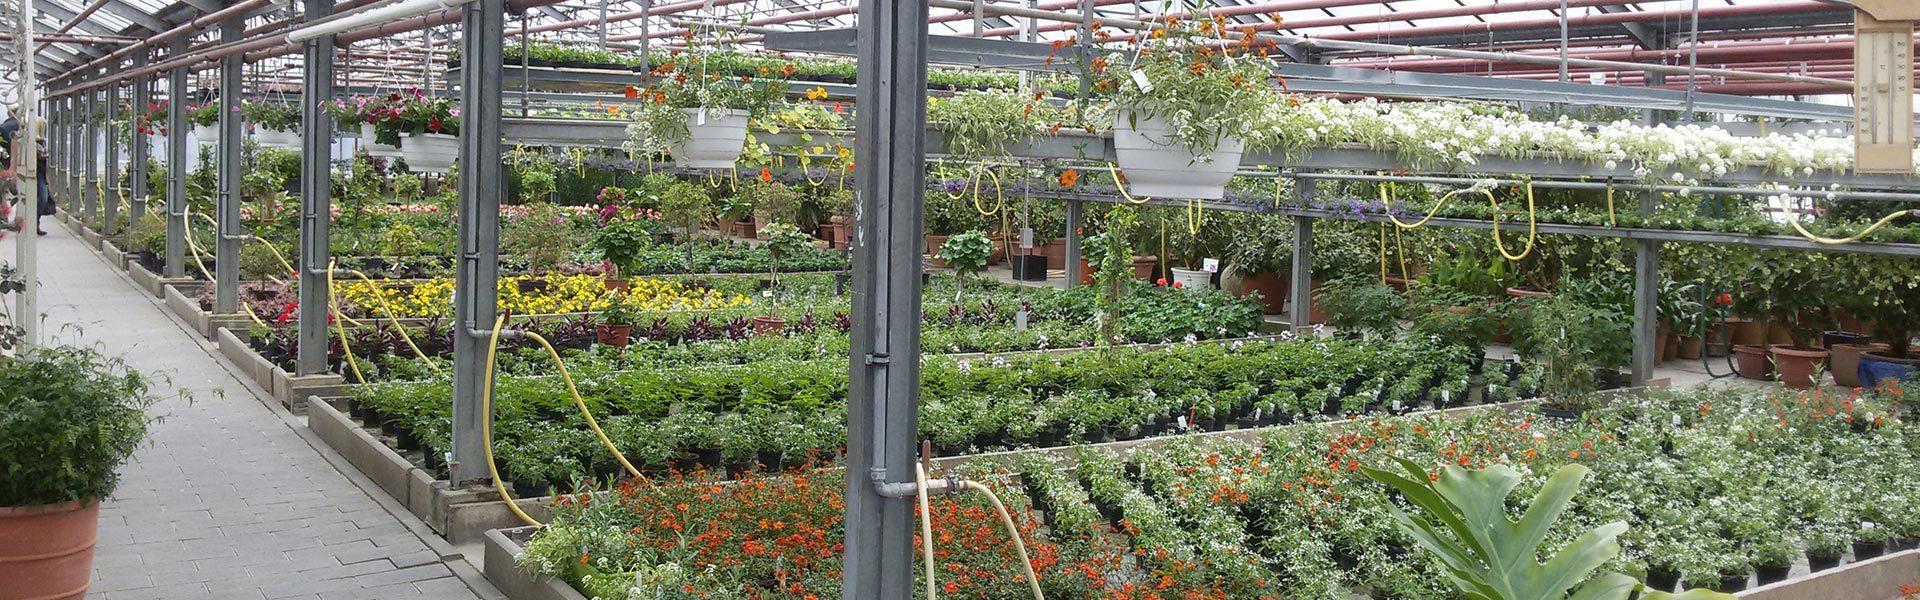 Gewächshaus von Blumen Rössl